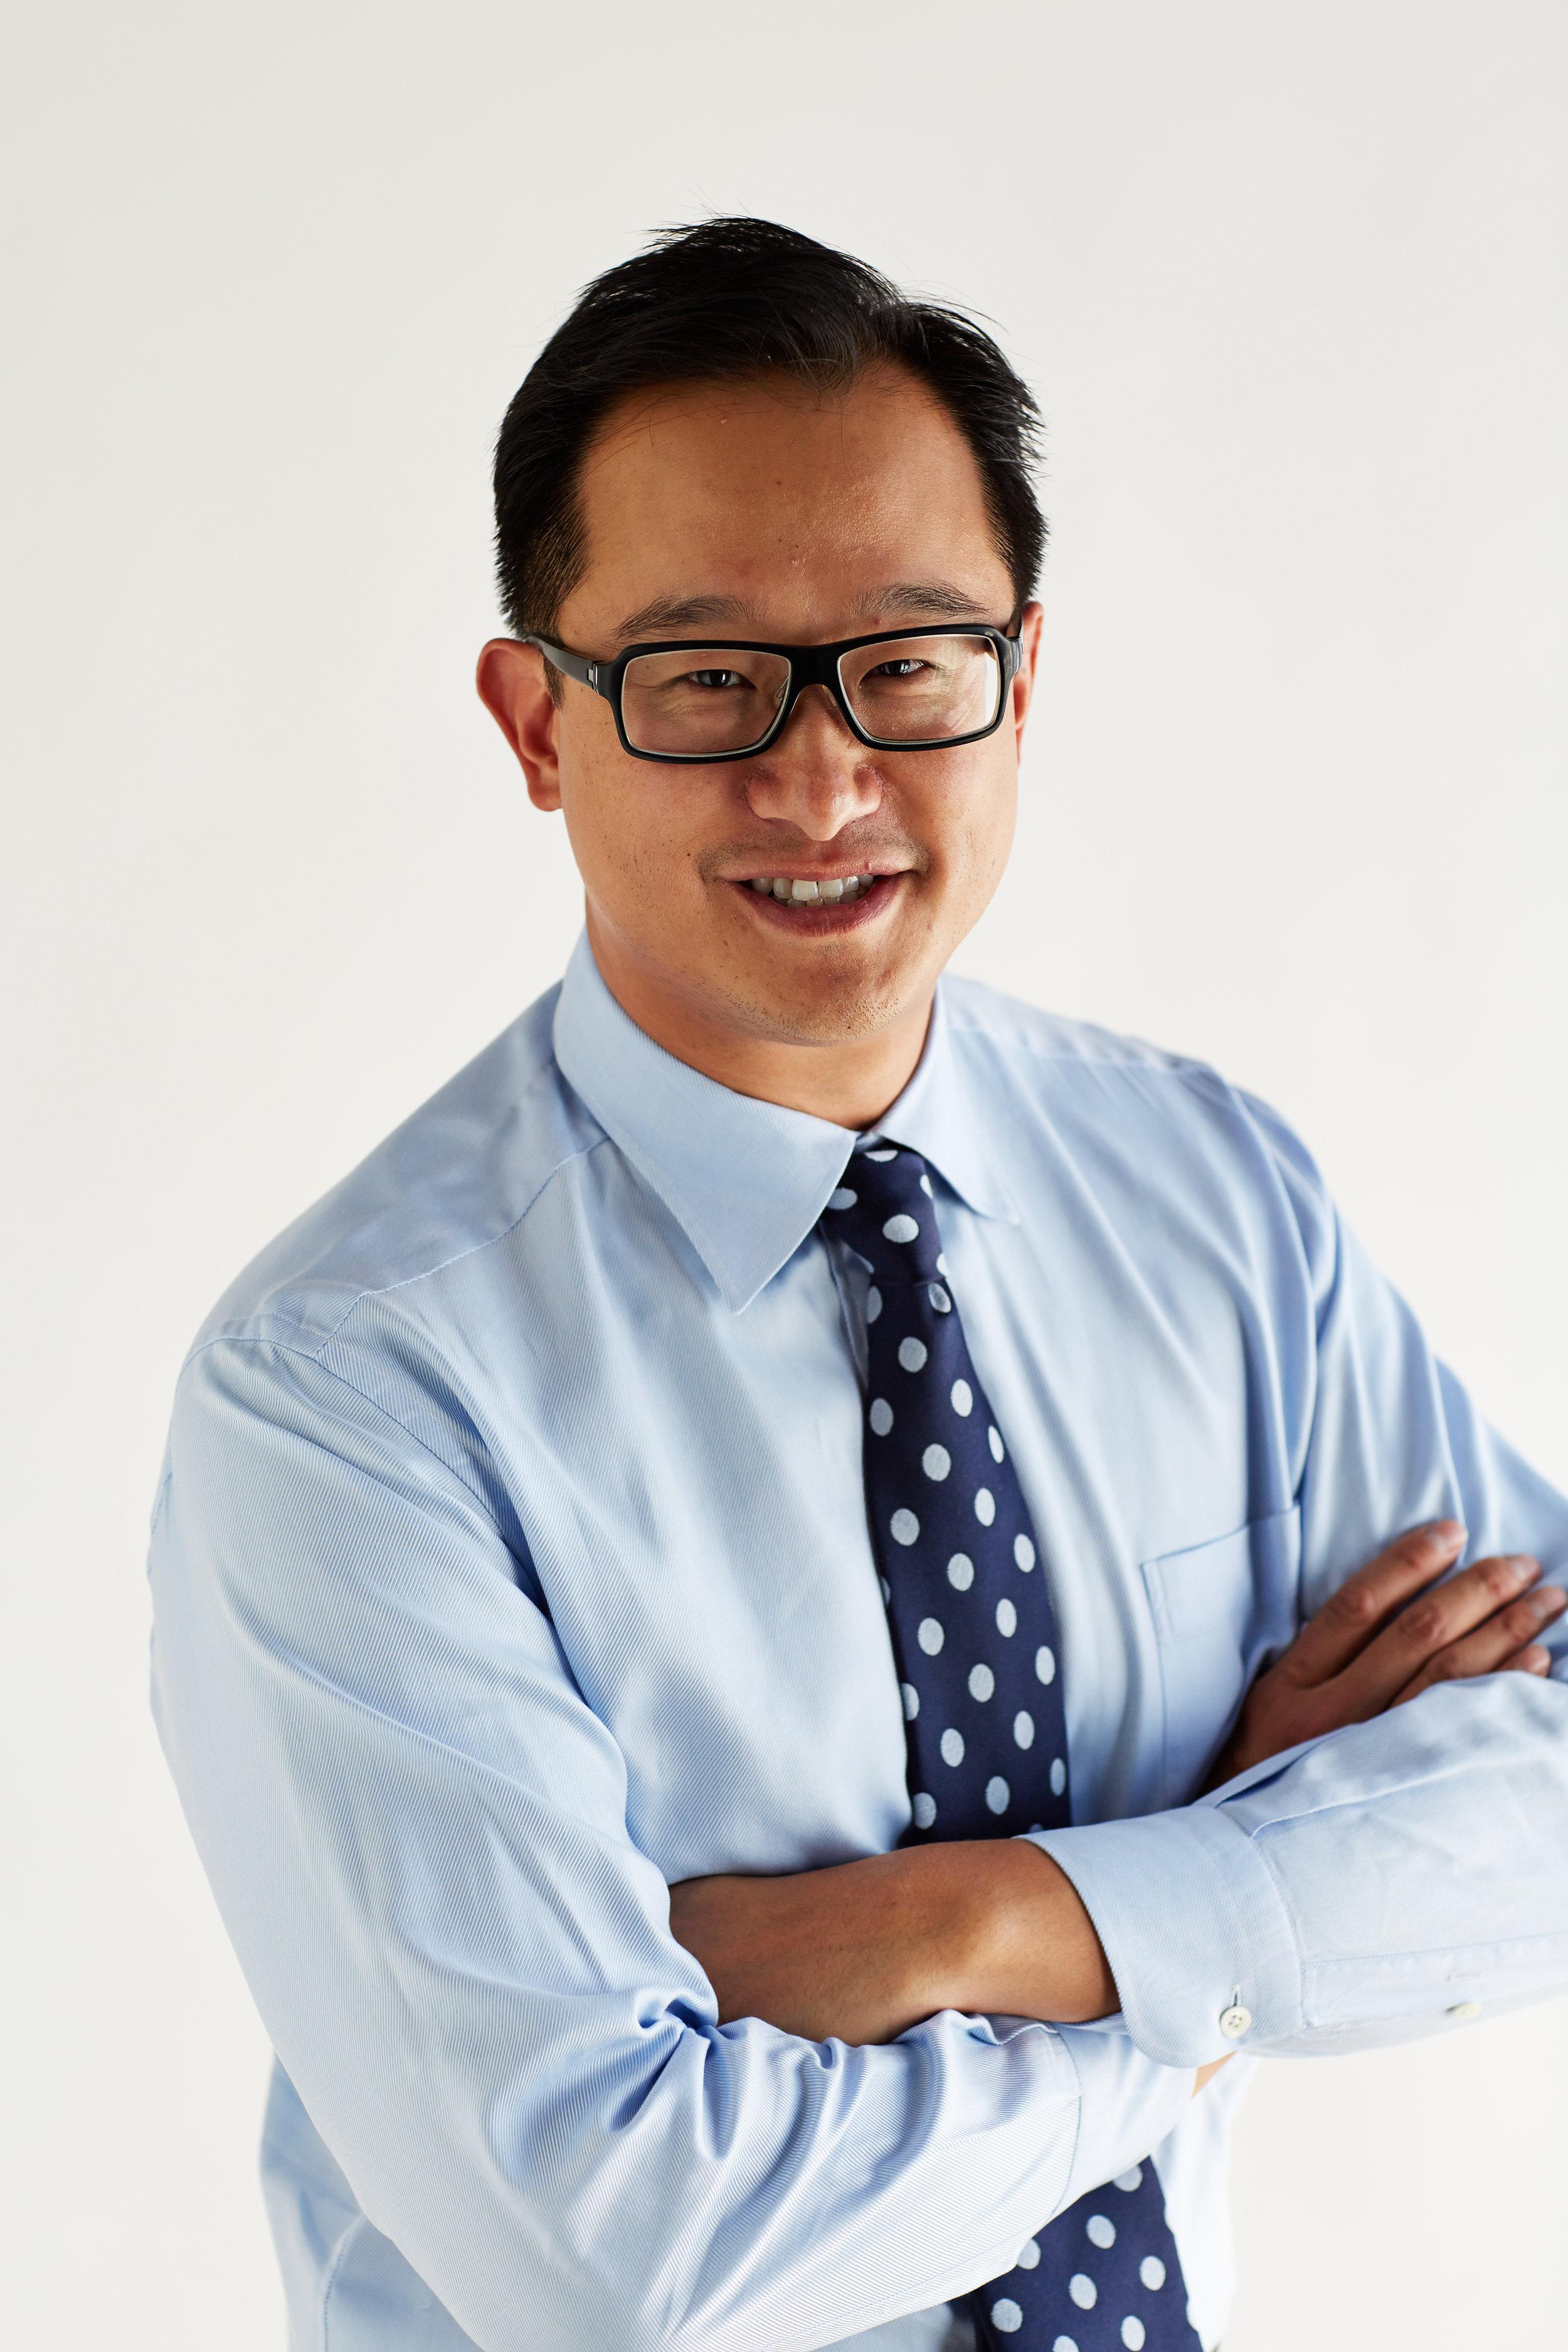 Dr Christopher Ho